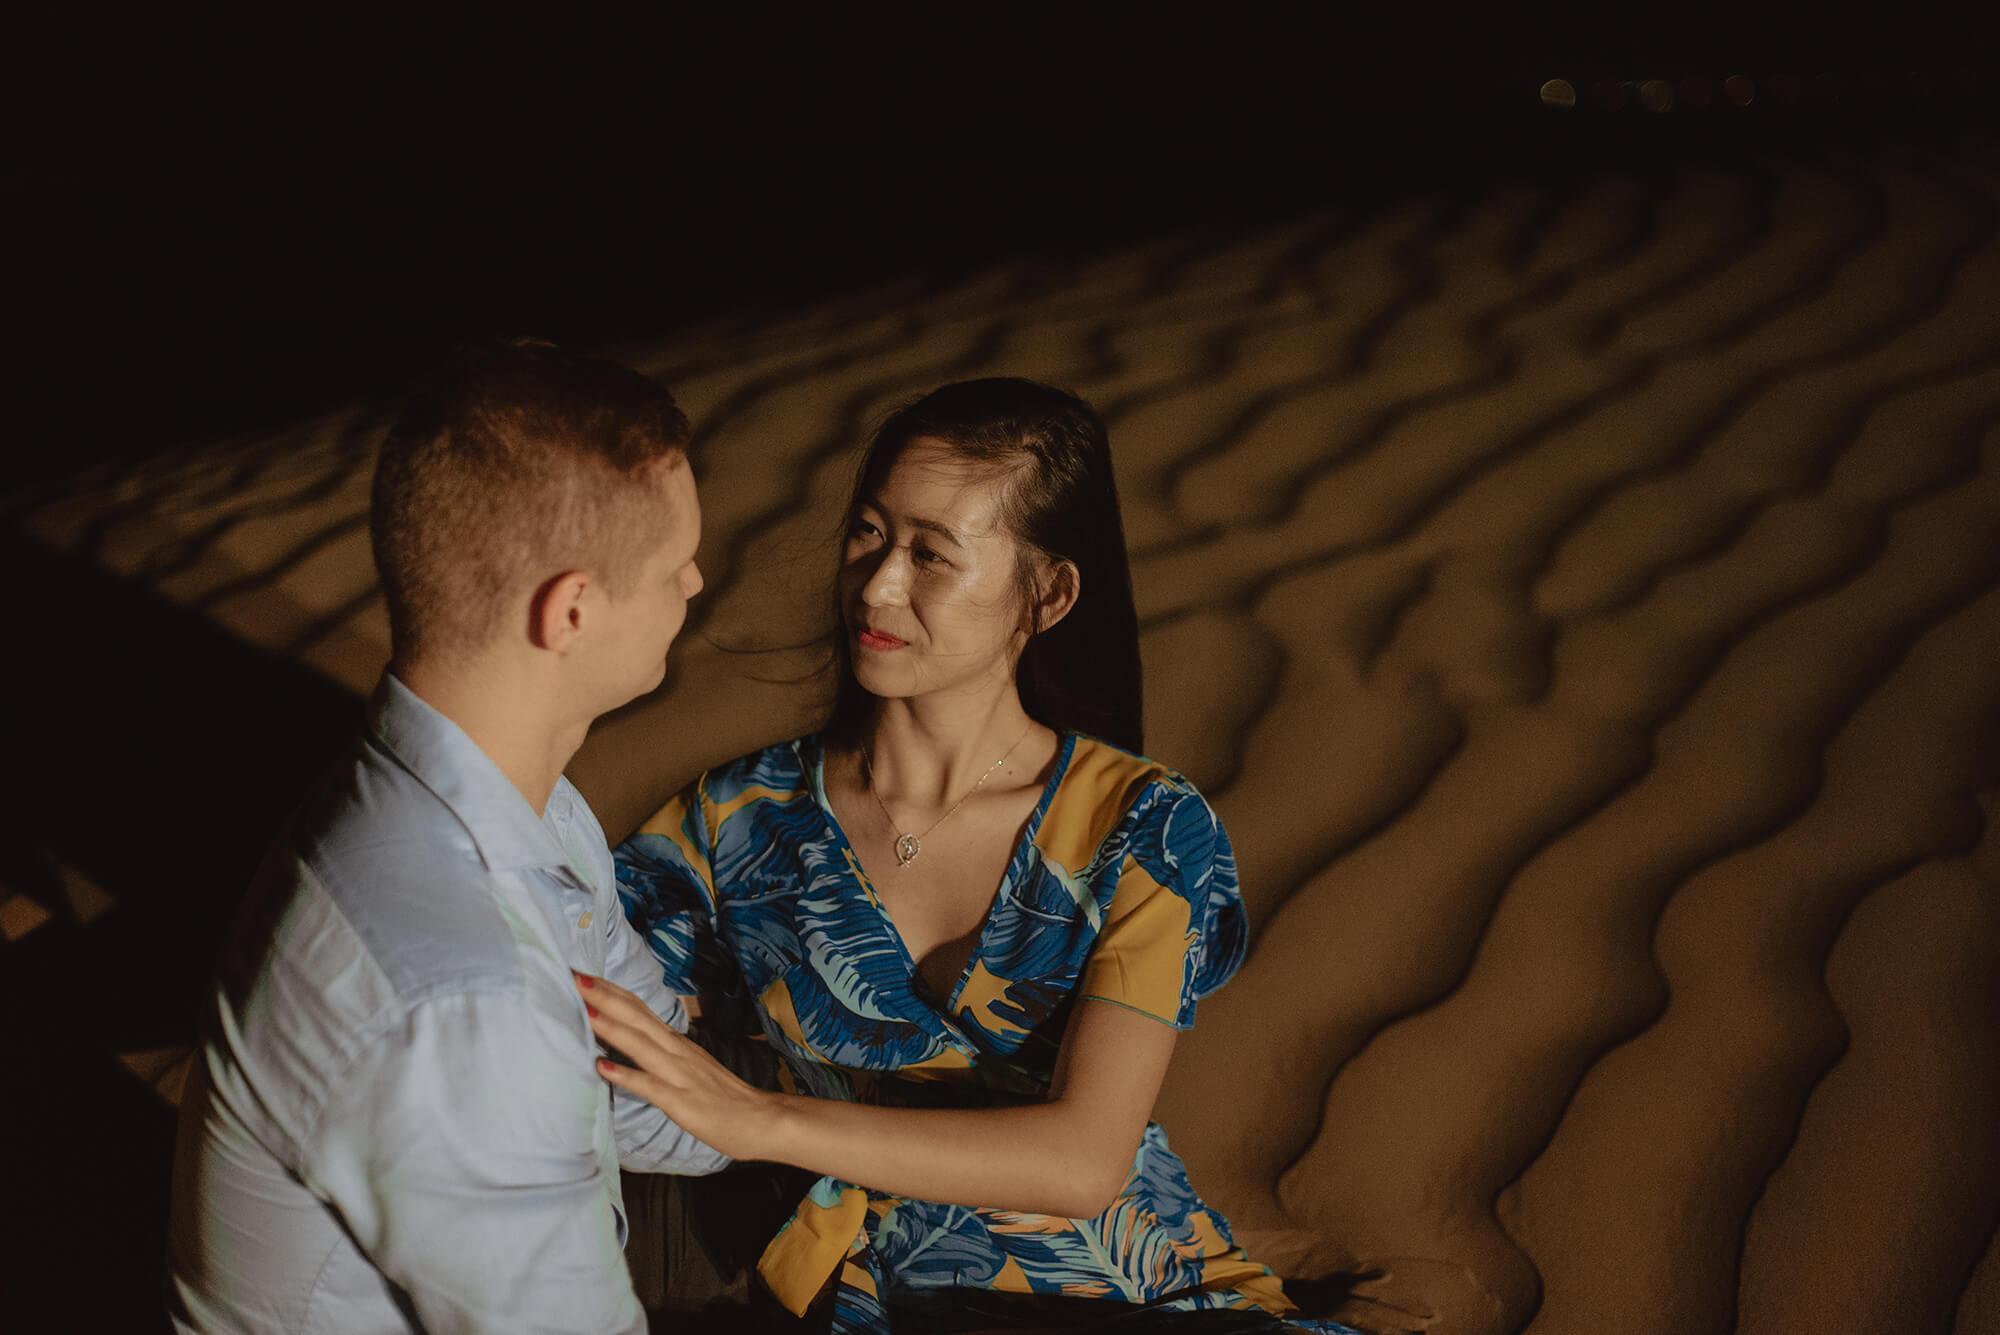 Sesja narzeczenska w dubaju13 - Citra + Kuba | miłość w Dubaju + 6 powodów dlaczego sesja narzeczeńska jest tak ważna